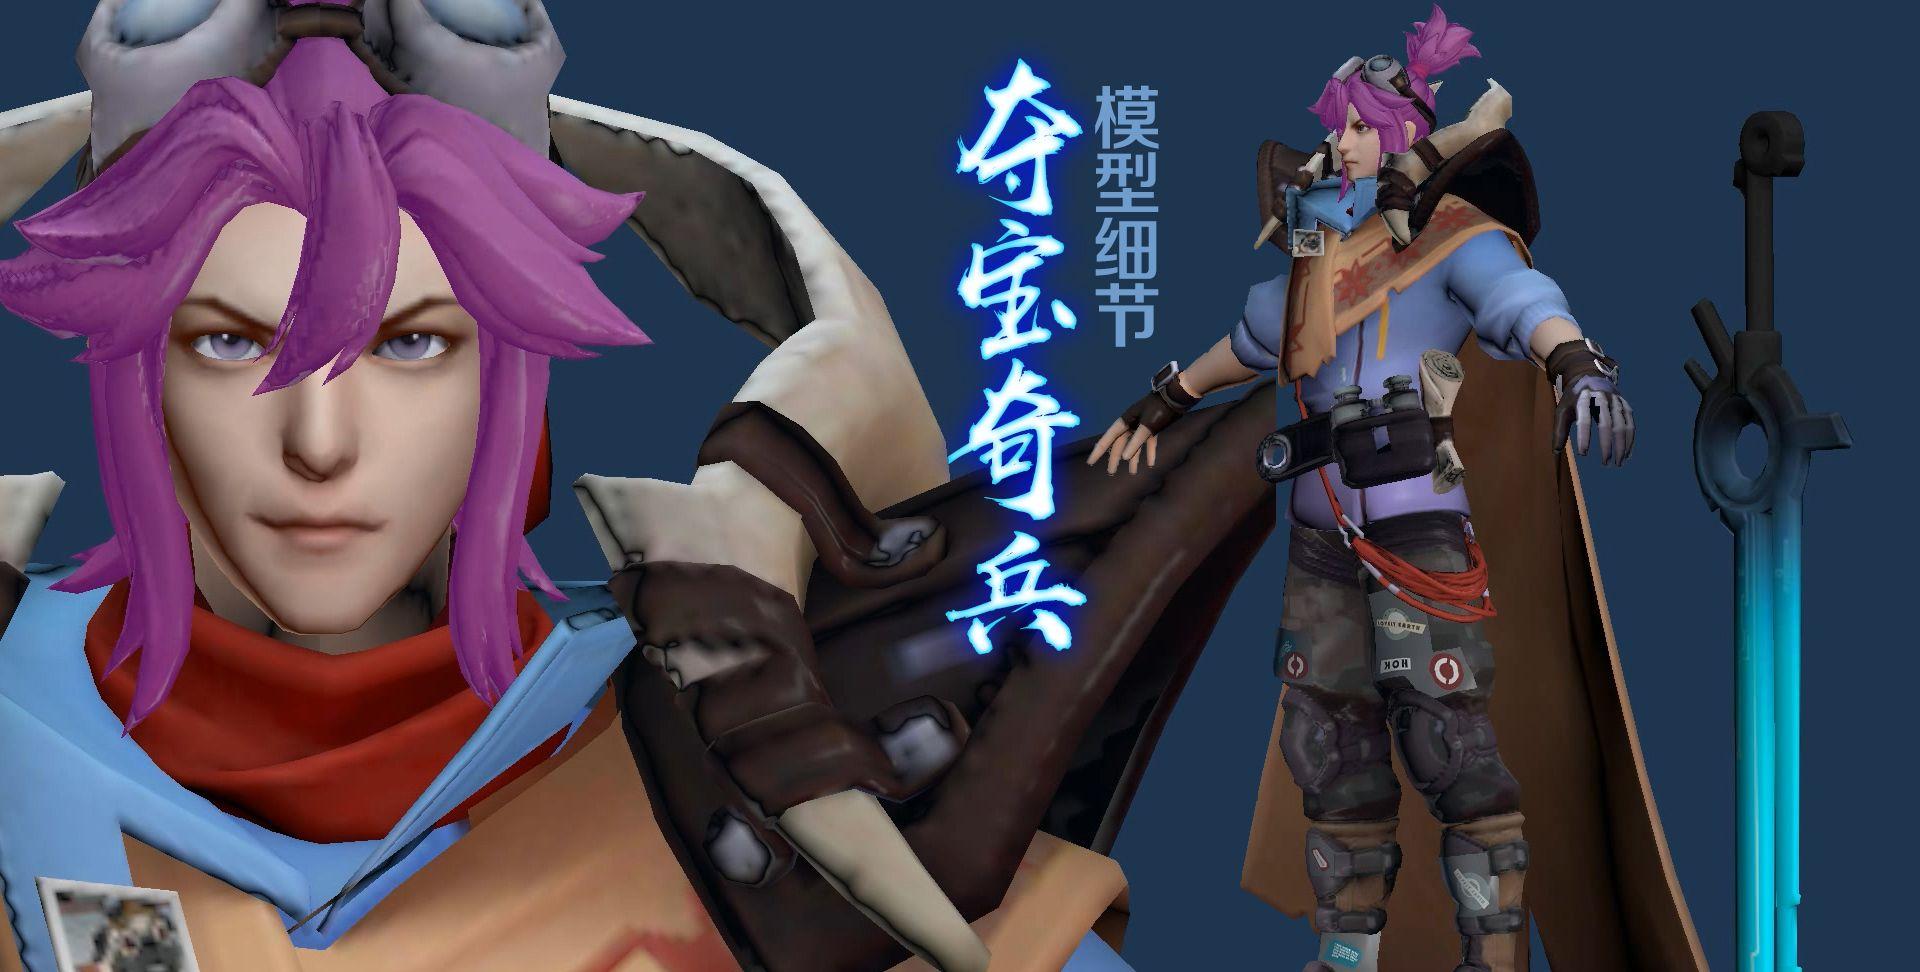 刘邦1级战令皮肤夺宝奇兵模型细节展示 王者荣耀